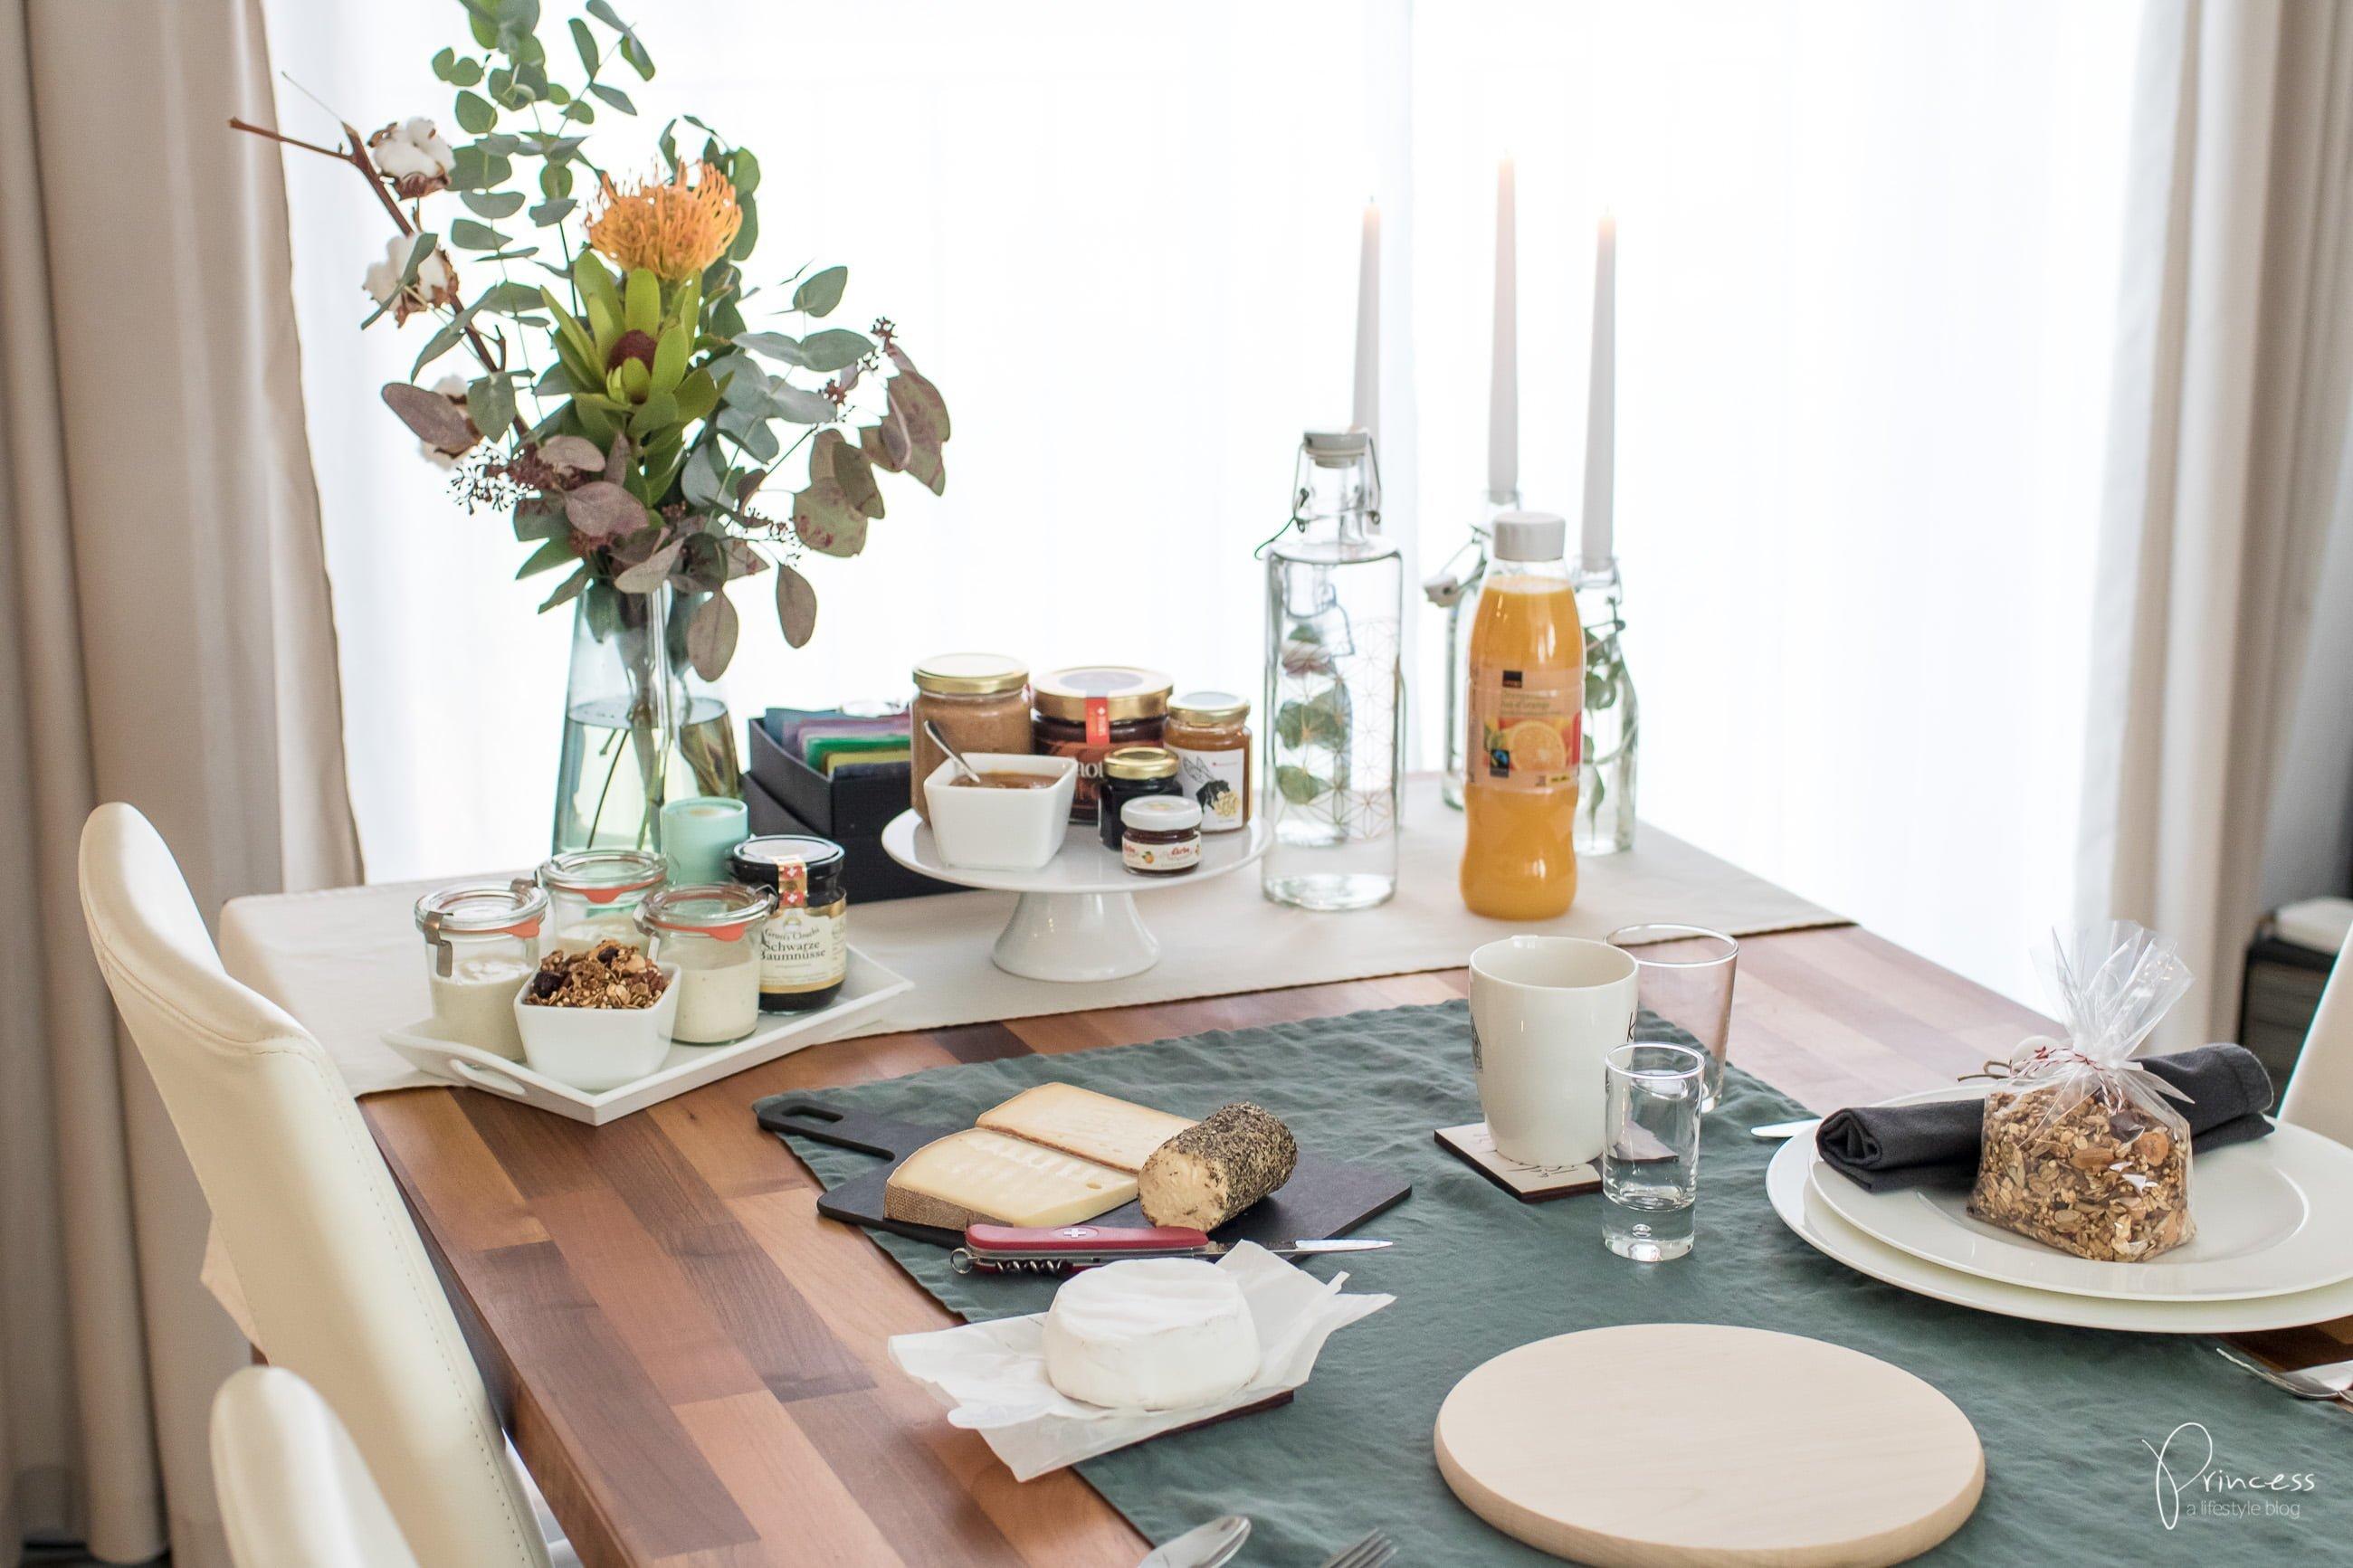 advents brunch ideen und rezepte f r ein weihn chtliches fr hst ck lifestyle travel food. Black Bedroom Furniture Sets. Home Design Ideas